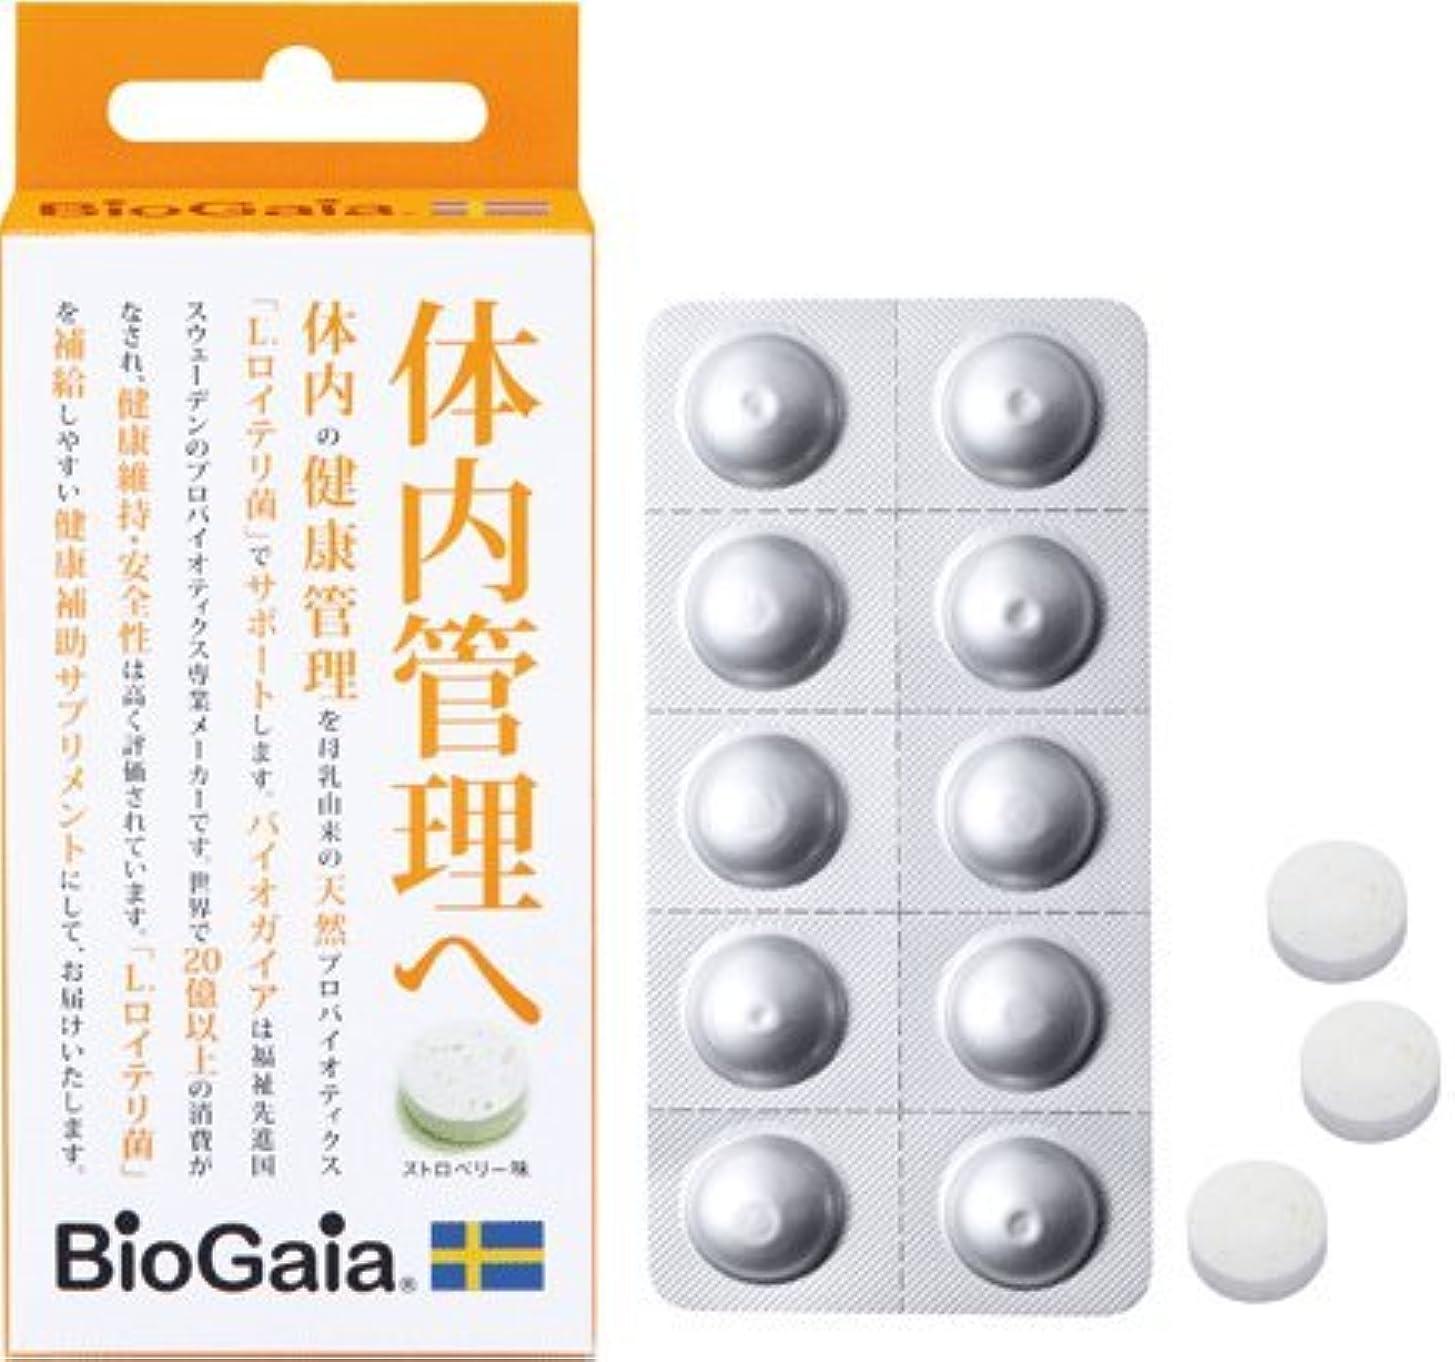 砂の特派員弾性体内管理 生きる乳酸菌(Lロイテリ菌) 30粒 ストロベリー味